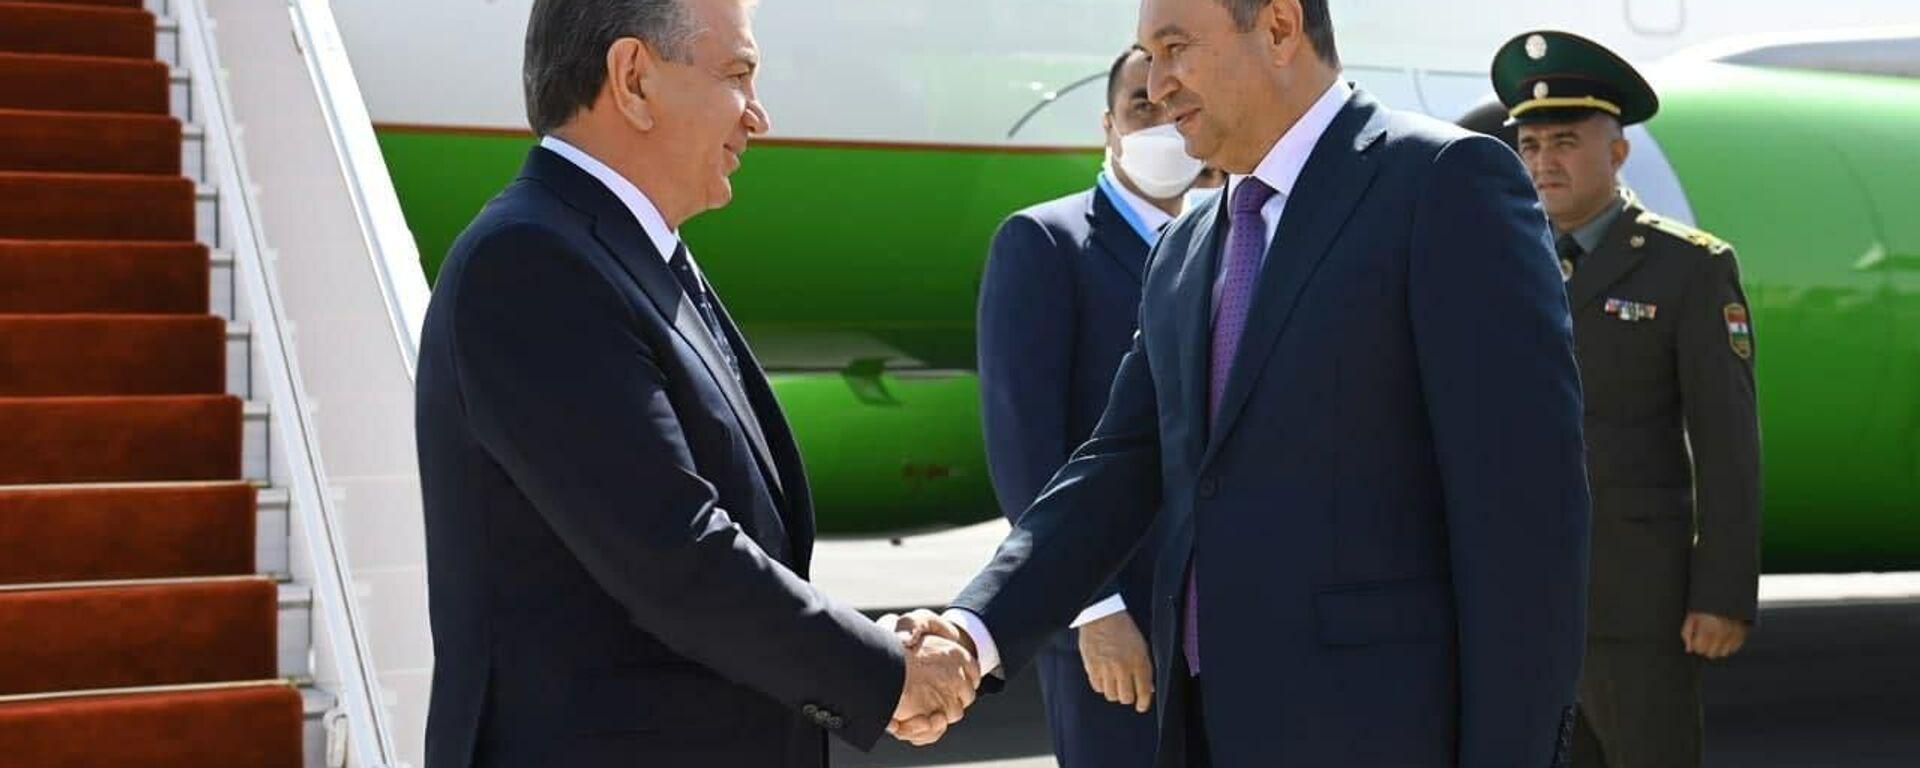 Президент Шавкат Мирзиёев прибыл в город Душанбе для участия в саммите Шанхайской организации сотрудничества - Sputnik Таджикистан, 1920, 16.09.2021